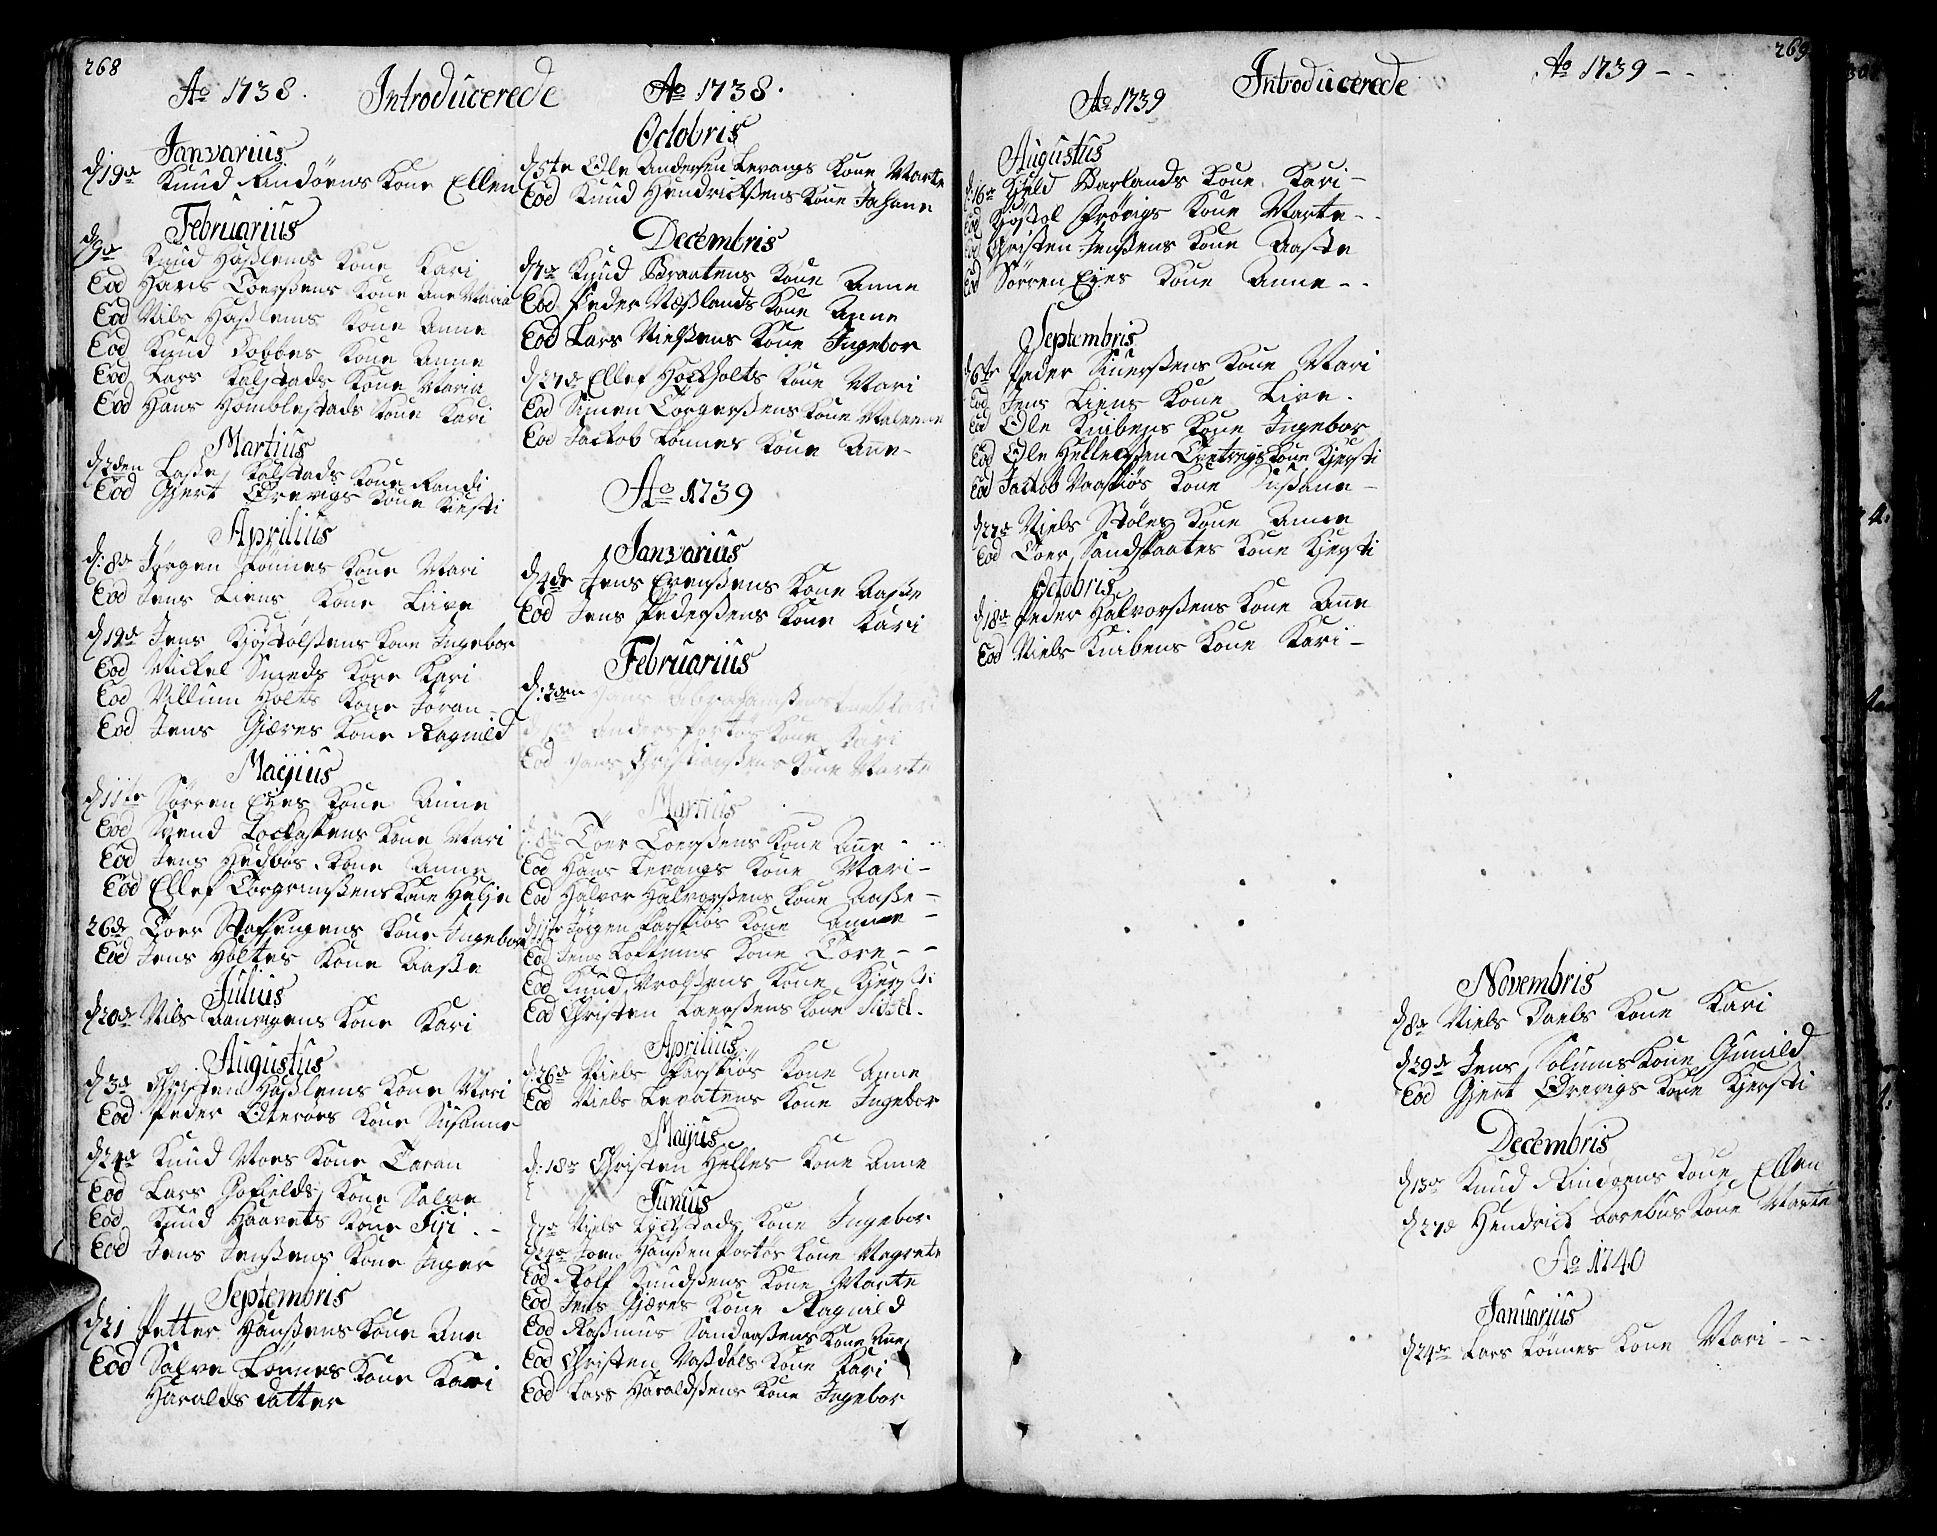 SAKO, Sannidal kirkebøker, F/Fa/L0001: Ministerialbok nr. 1, 1702-1766, s. 268-269